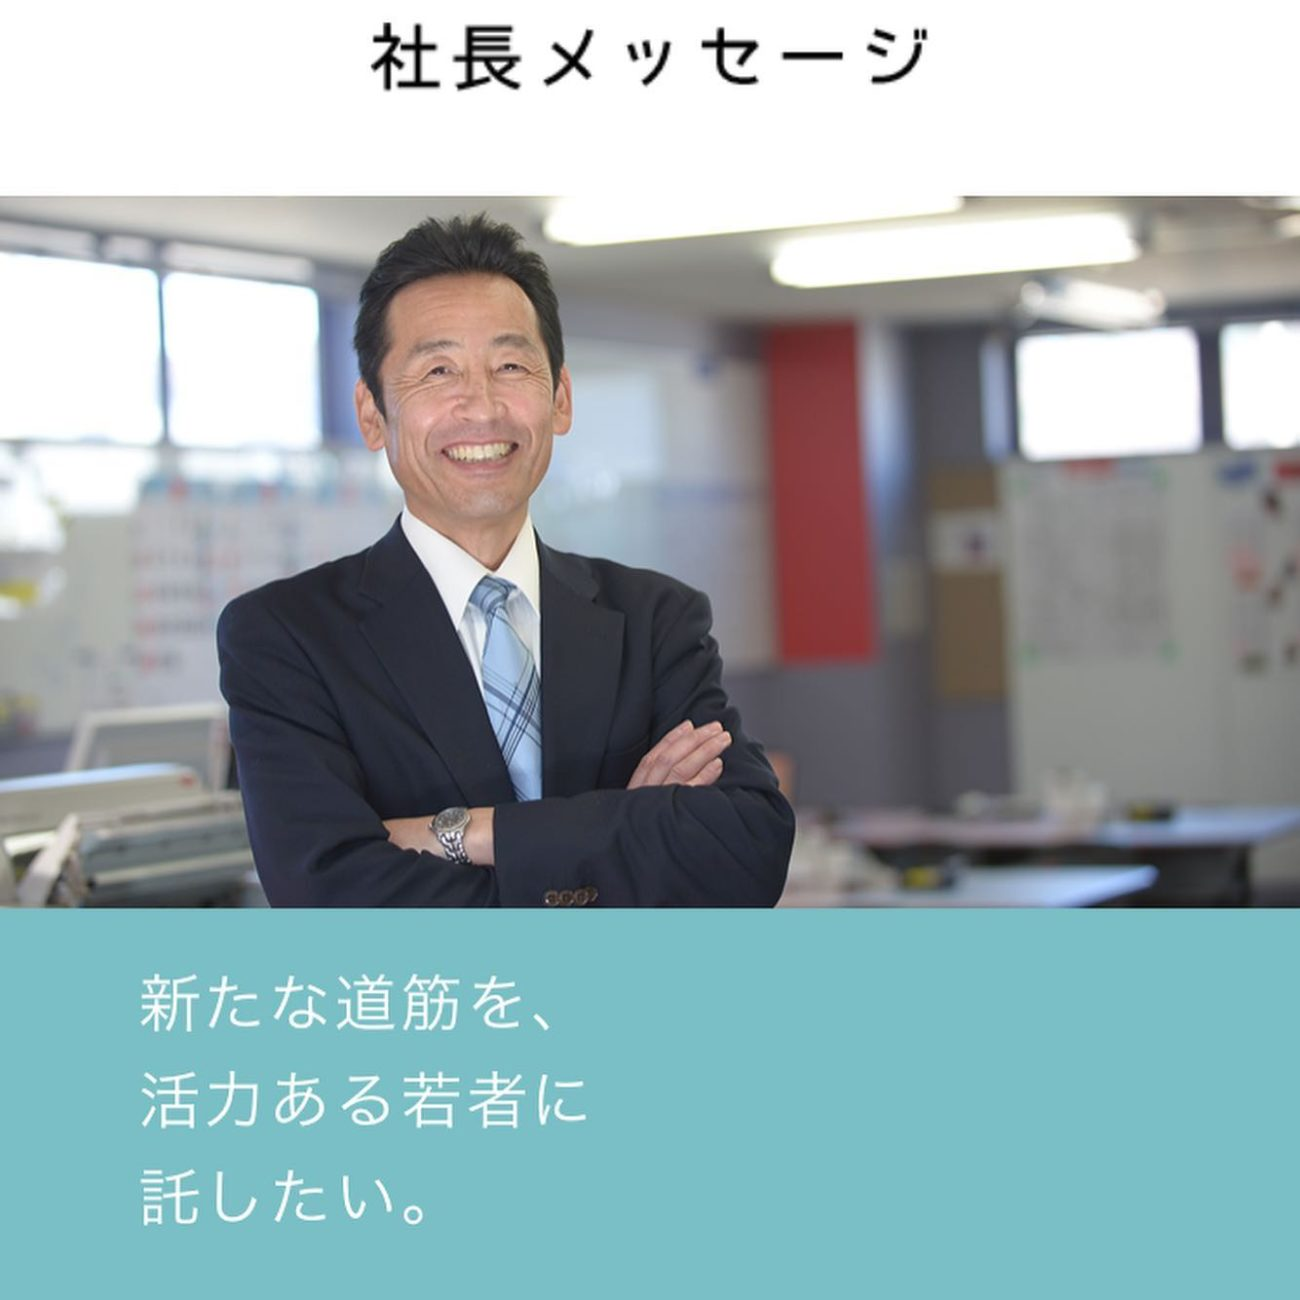 アビエス2020パートナー紹介-ダスキン諏訪-メッセージ